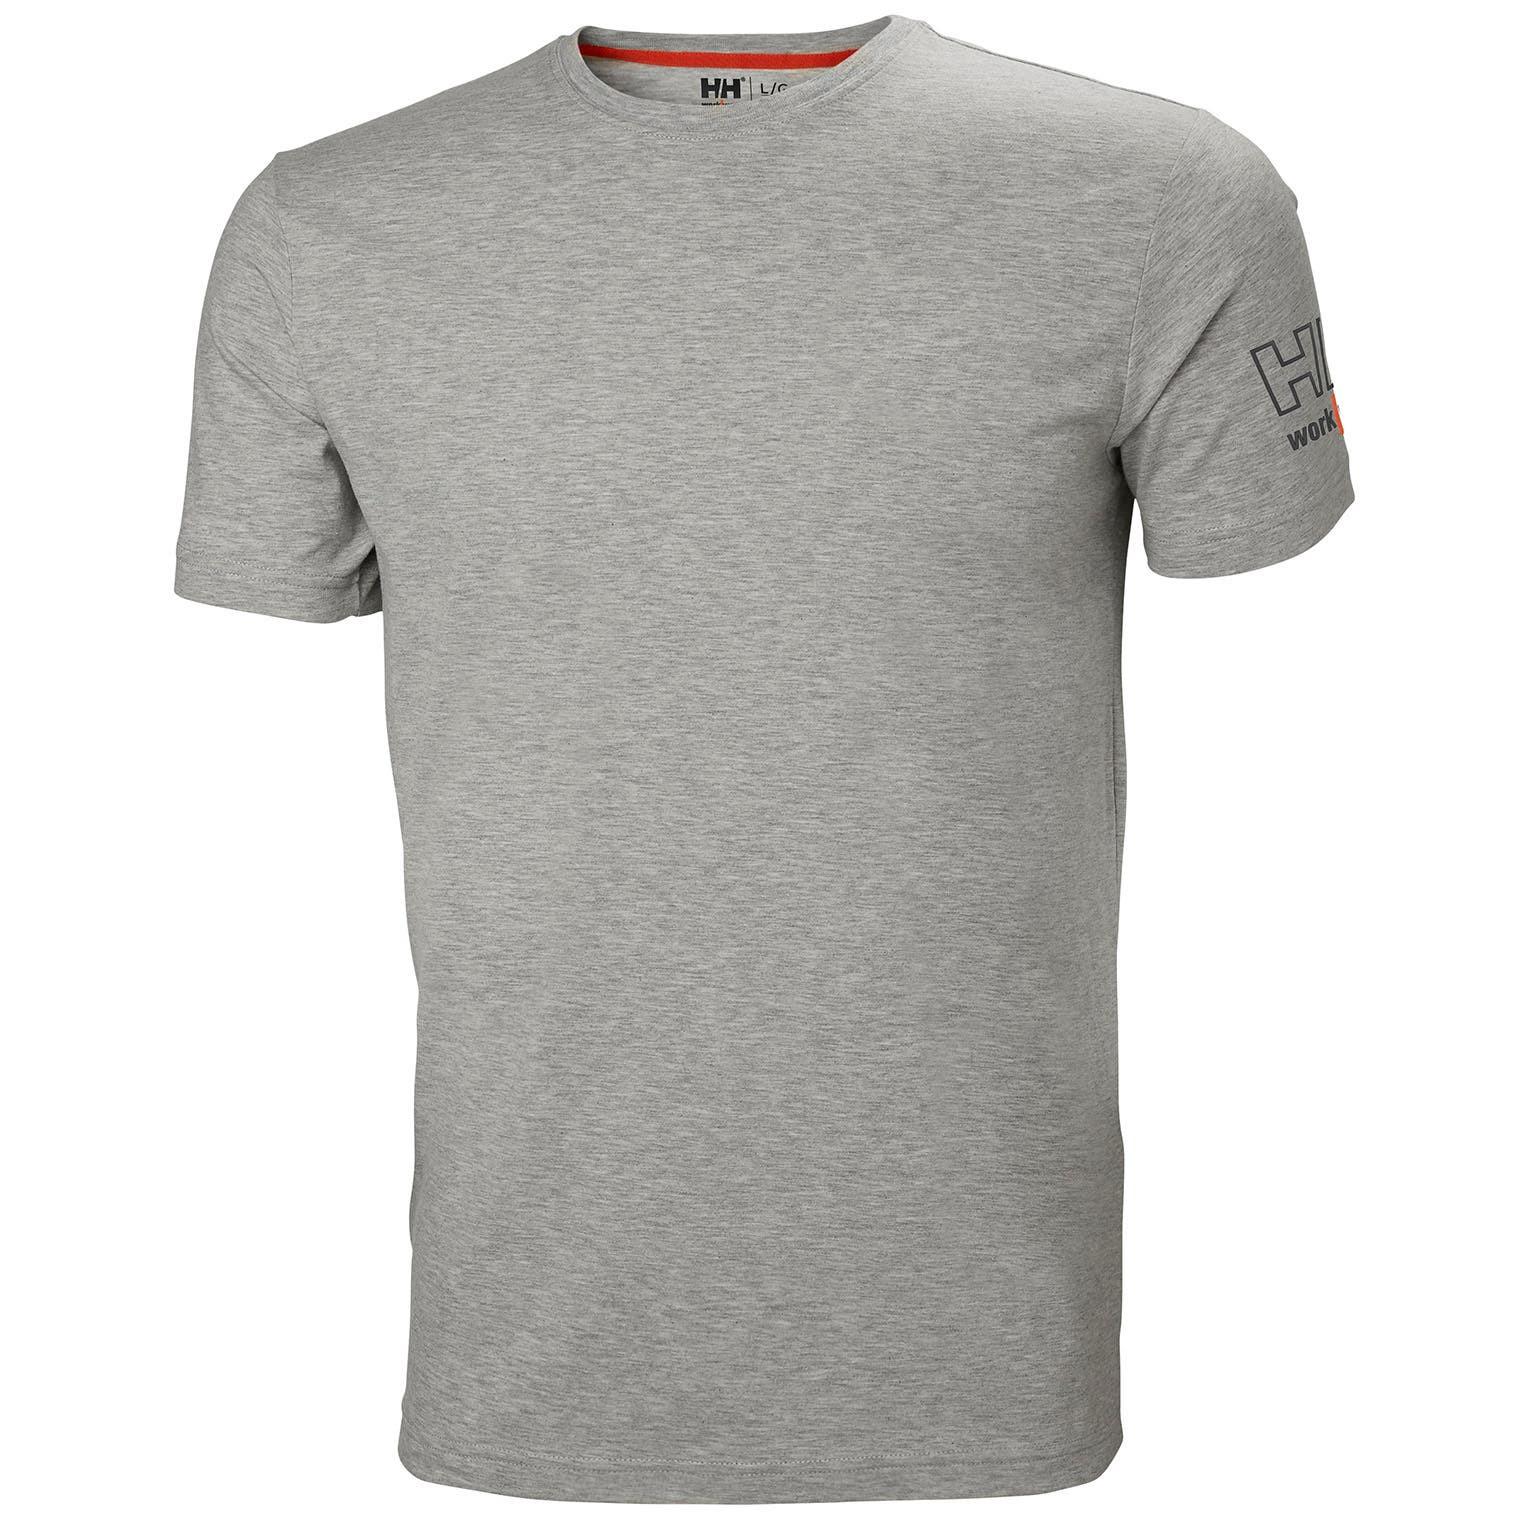 Футболка Helly Hansen Kensington T-Shirt - 79246 (Grey Melange, M)